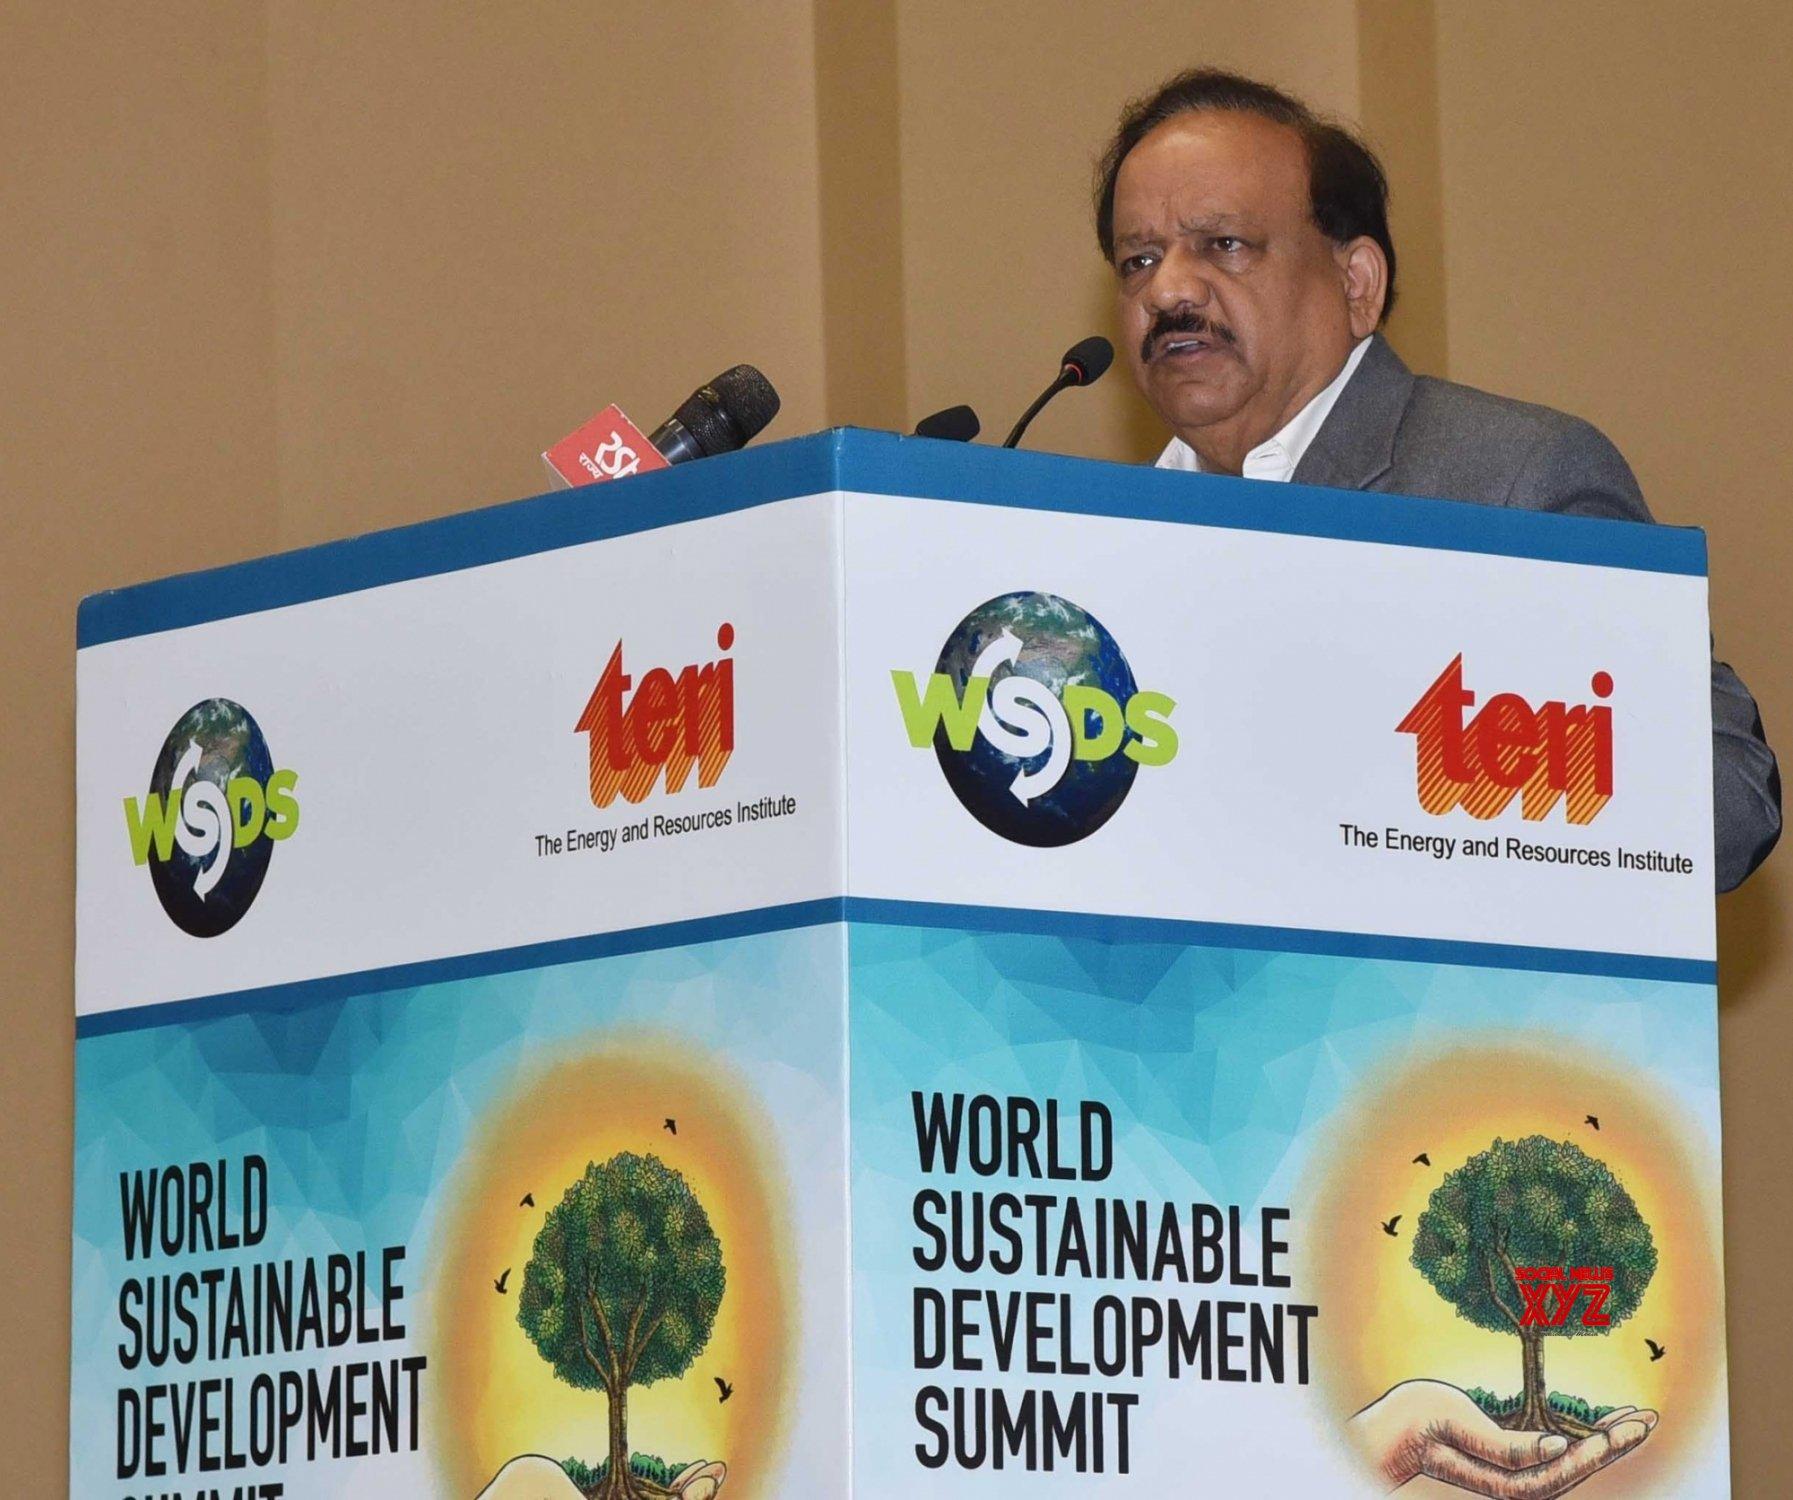 New Delhi: World Sustainable Development Summit 2019 - Venkaiah Naidu, Harsh Vardhan #Gallery